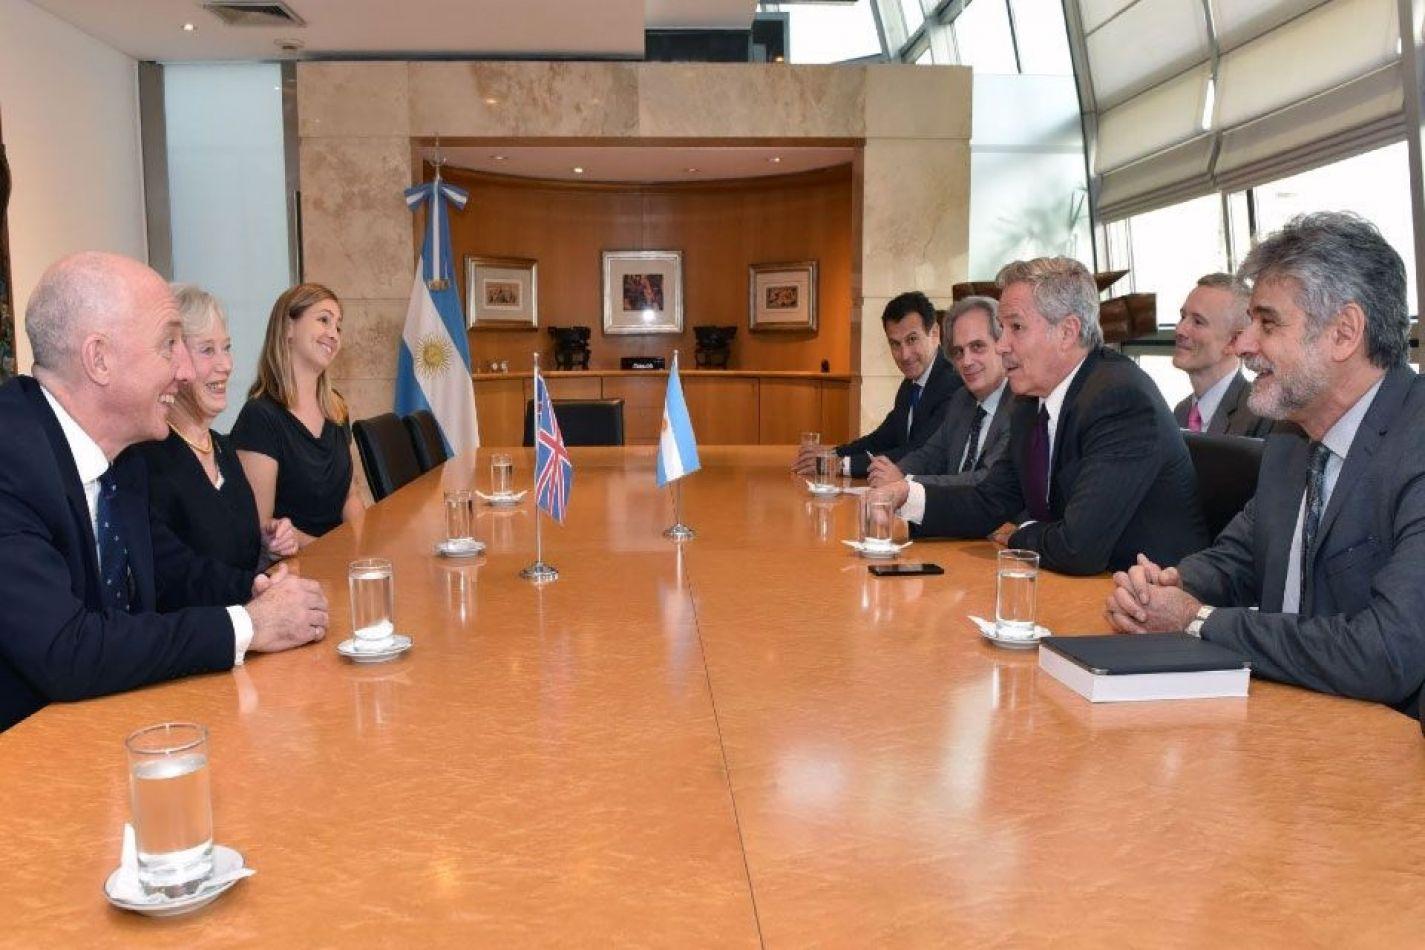 El canciller Felipe Solá, la baronesa Hooper de la Cámara de los Lores, Daniel Filmus y el embajador británico Mark Kent durante una reunión en diciem